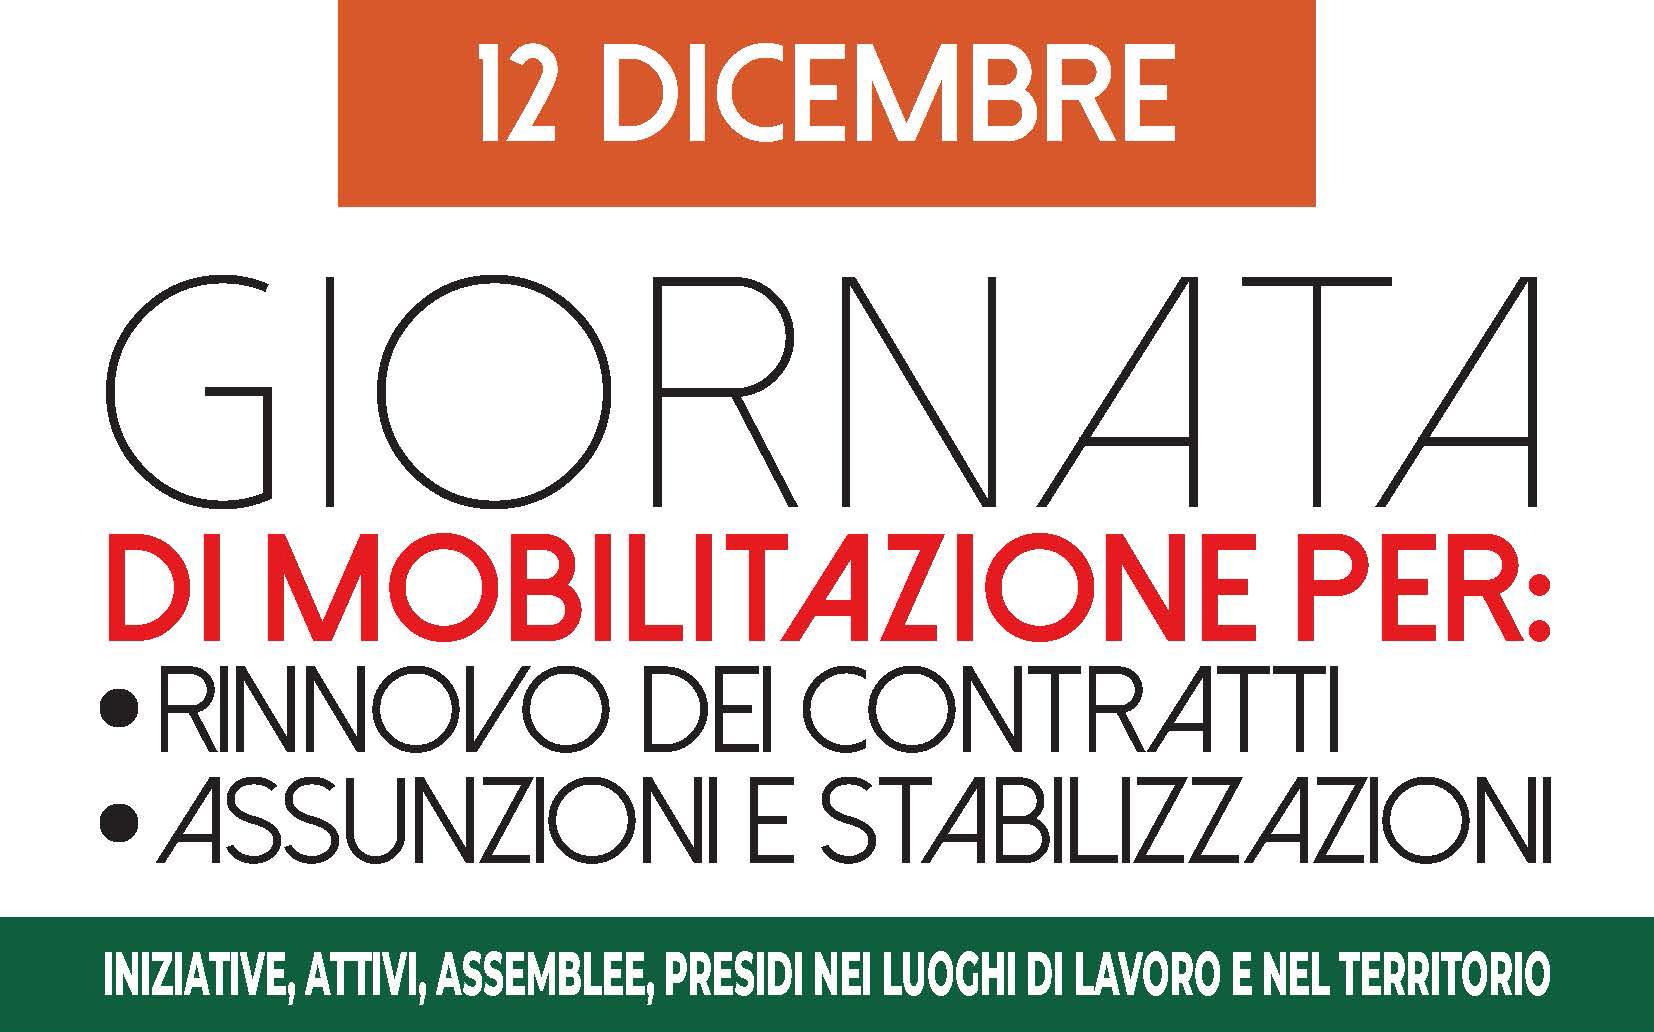 Pubblico Impiego, appuntamento il 12 dicembre a Roma in piazza Santi Apostoli.